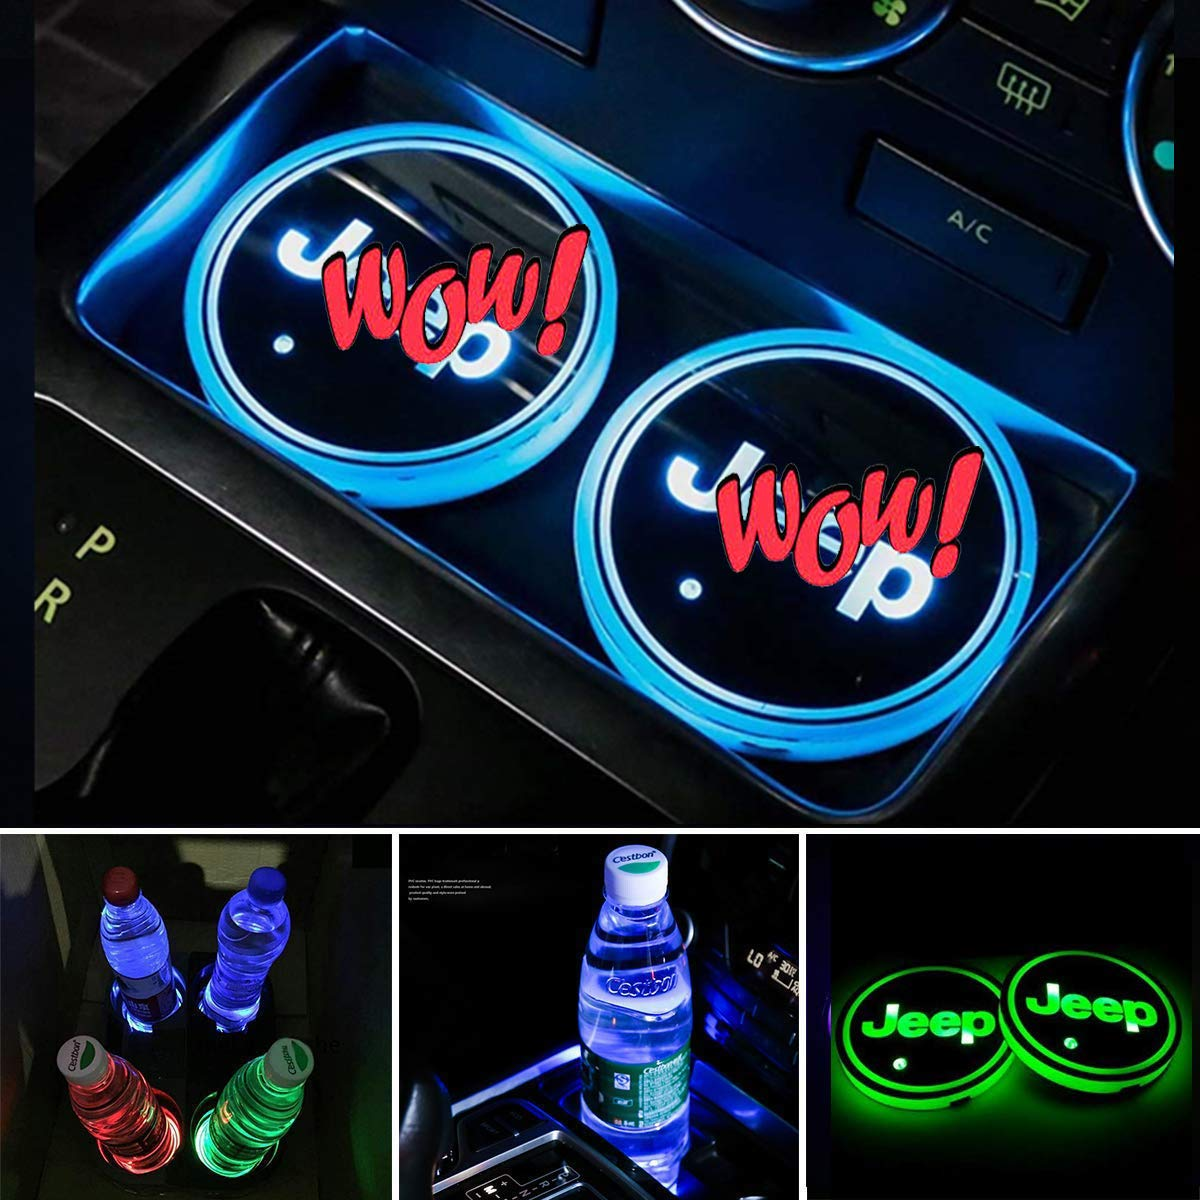 VILLSION Auto Portabevande LED Impermeabile Luce a LED 7 Colori Ricarica USB Portabevande Accessori Auto LED Decorazione per Interni Lampada Atmosfera Luce Scegli Il Logo della Tua Auto